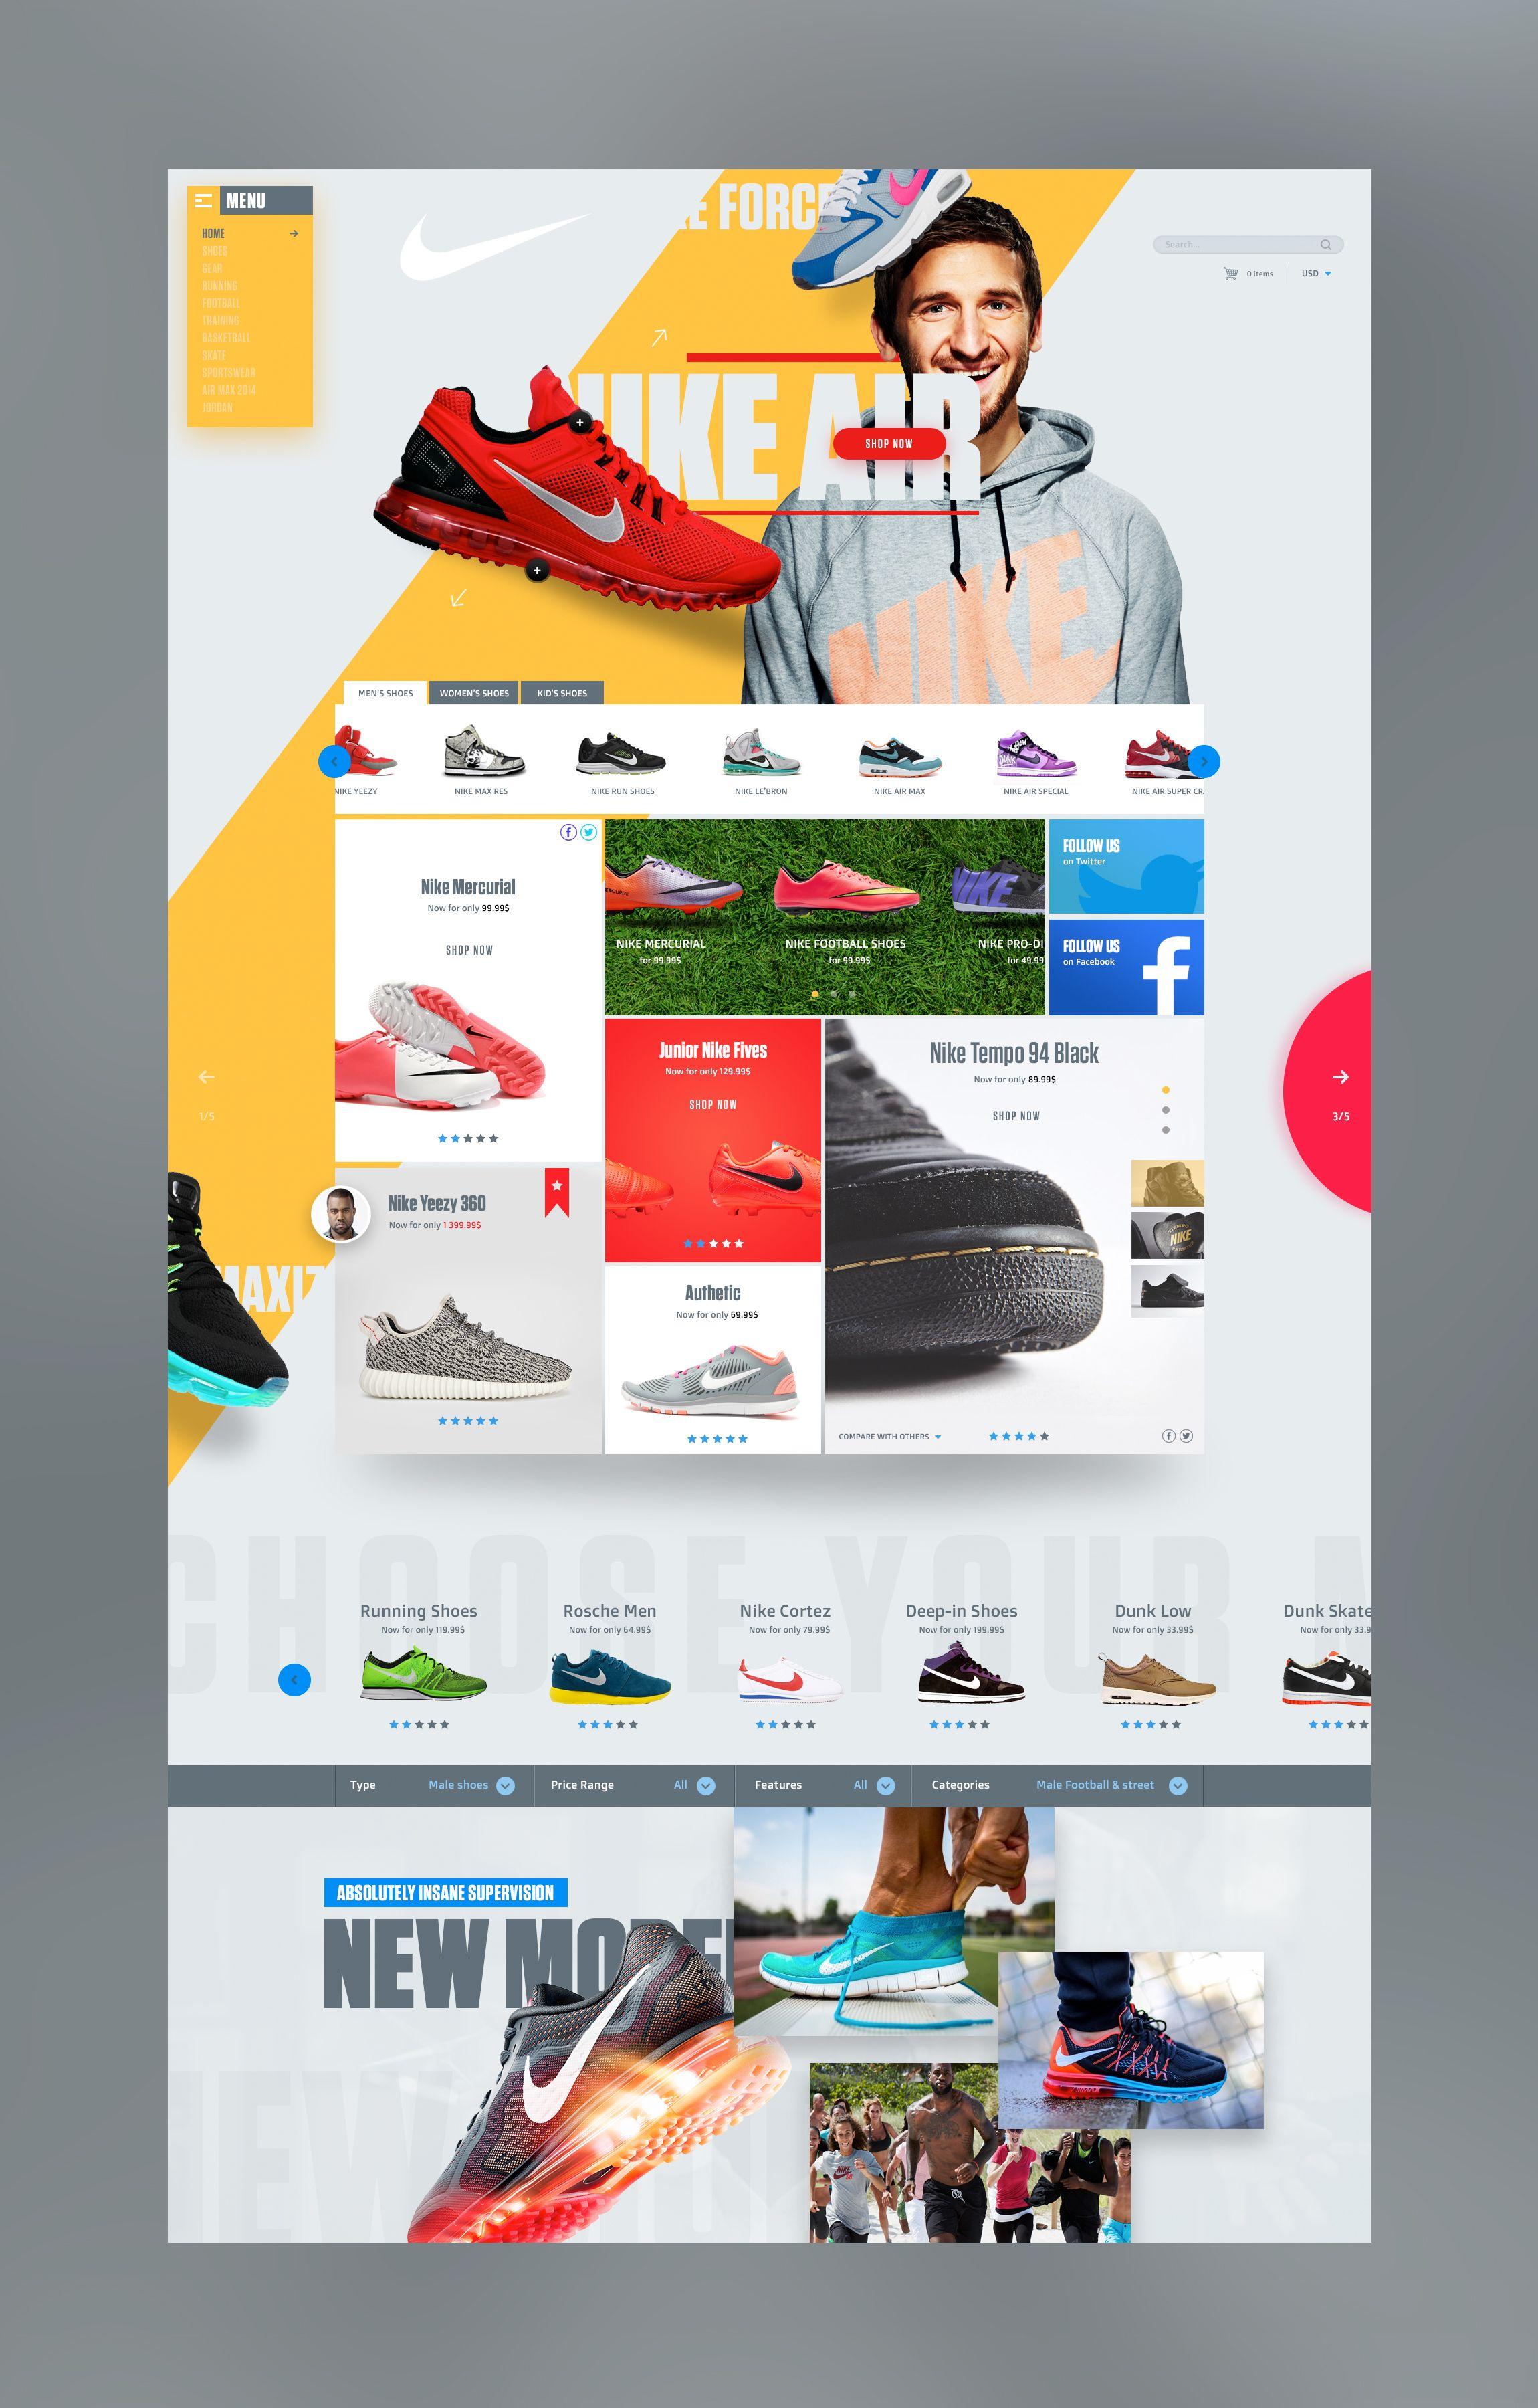 entregar Santuario reacción  nick.jpg by Vitali Zakharoff | Nike design, Creative web design, Business  website design